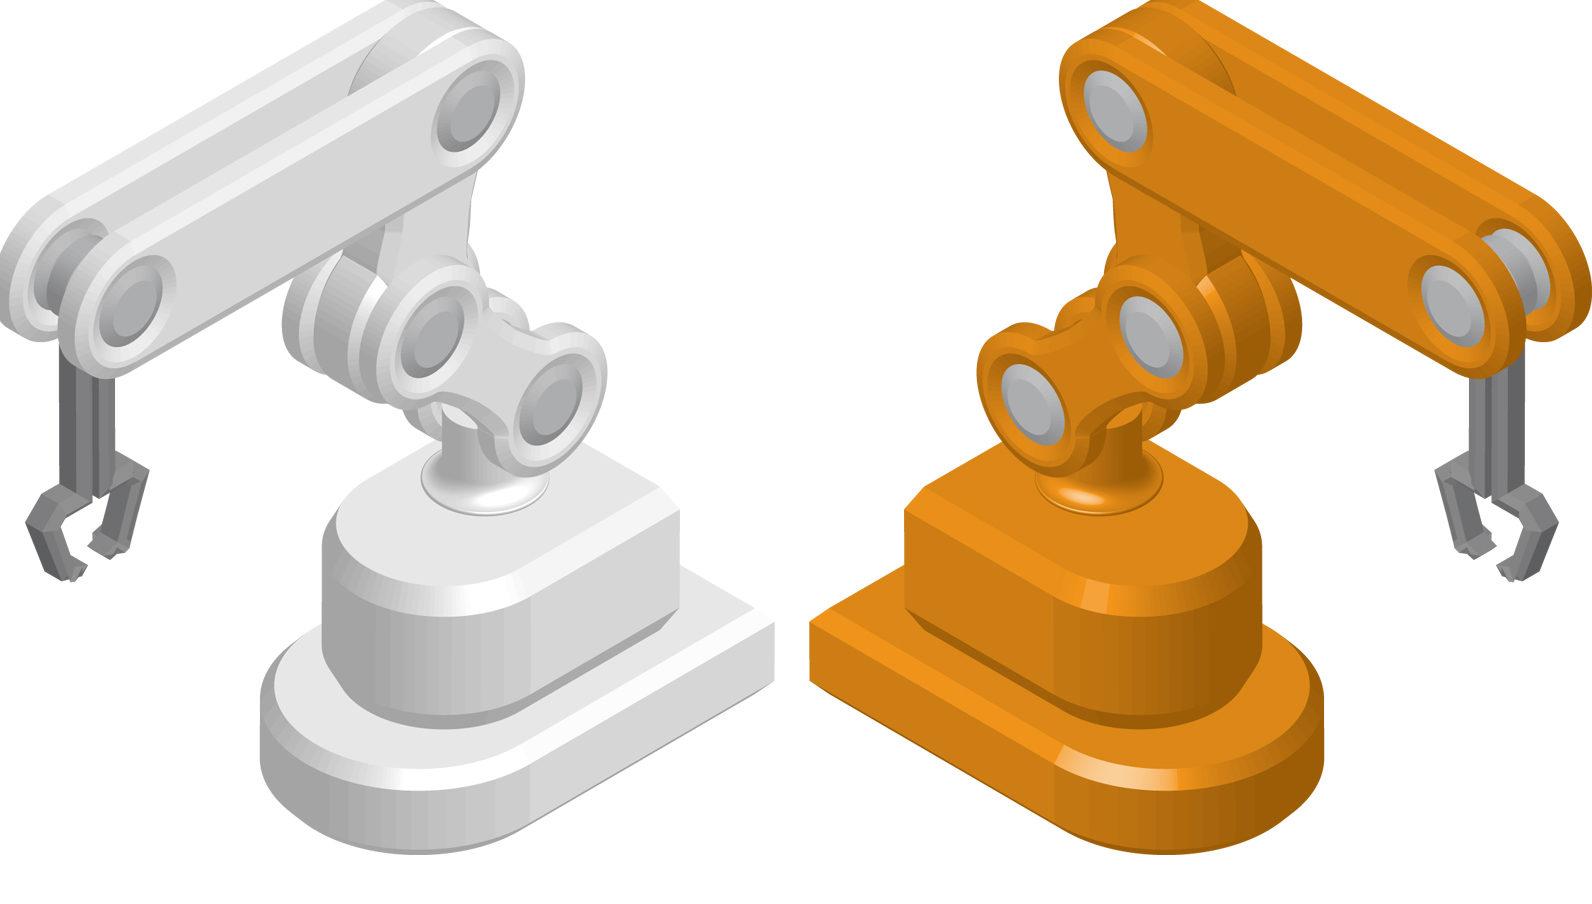 まずは、お試しで始めたいという方に向け、スタンドアローンのロボット導入も可